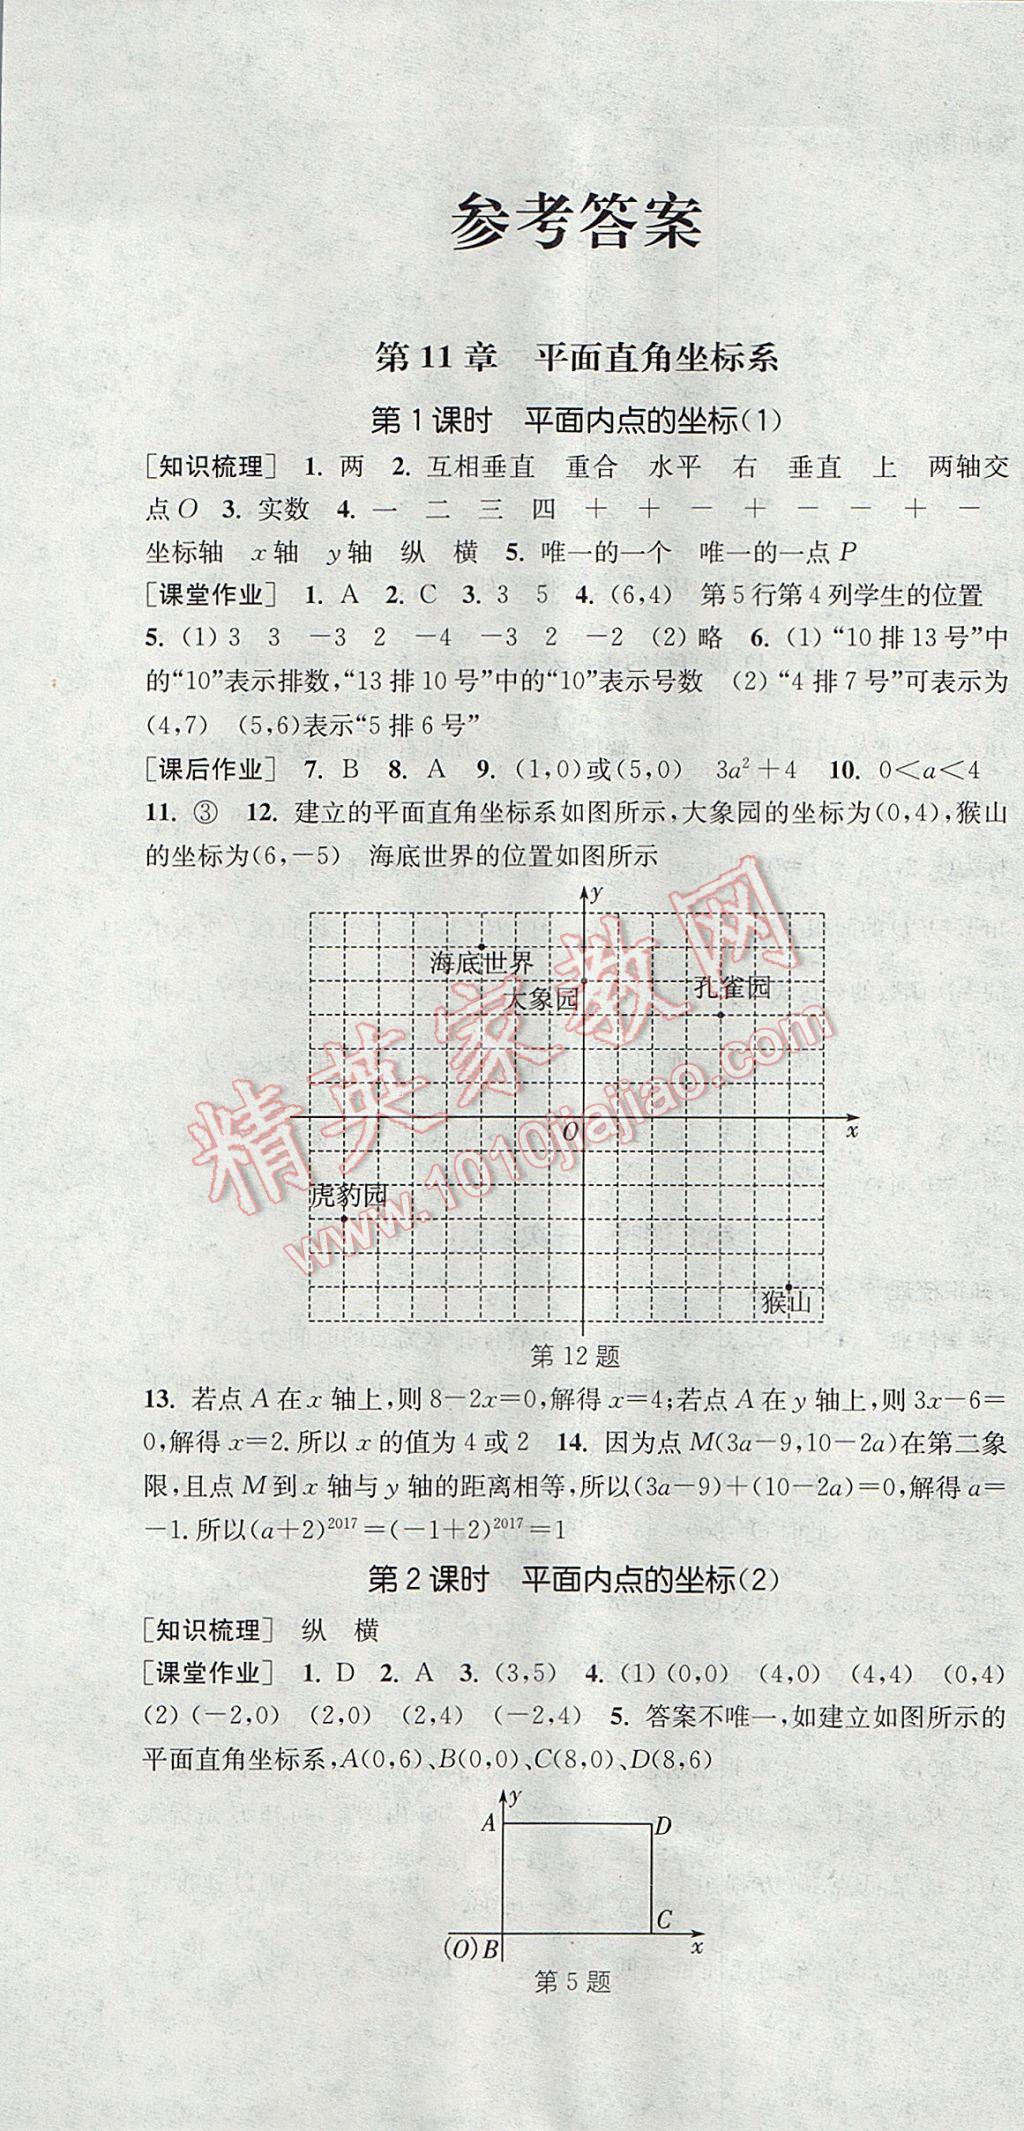 2017年通城学典课时作业本八年级数学上册沪科版参考答案第1页